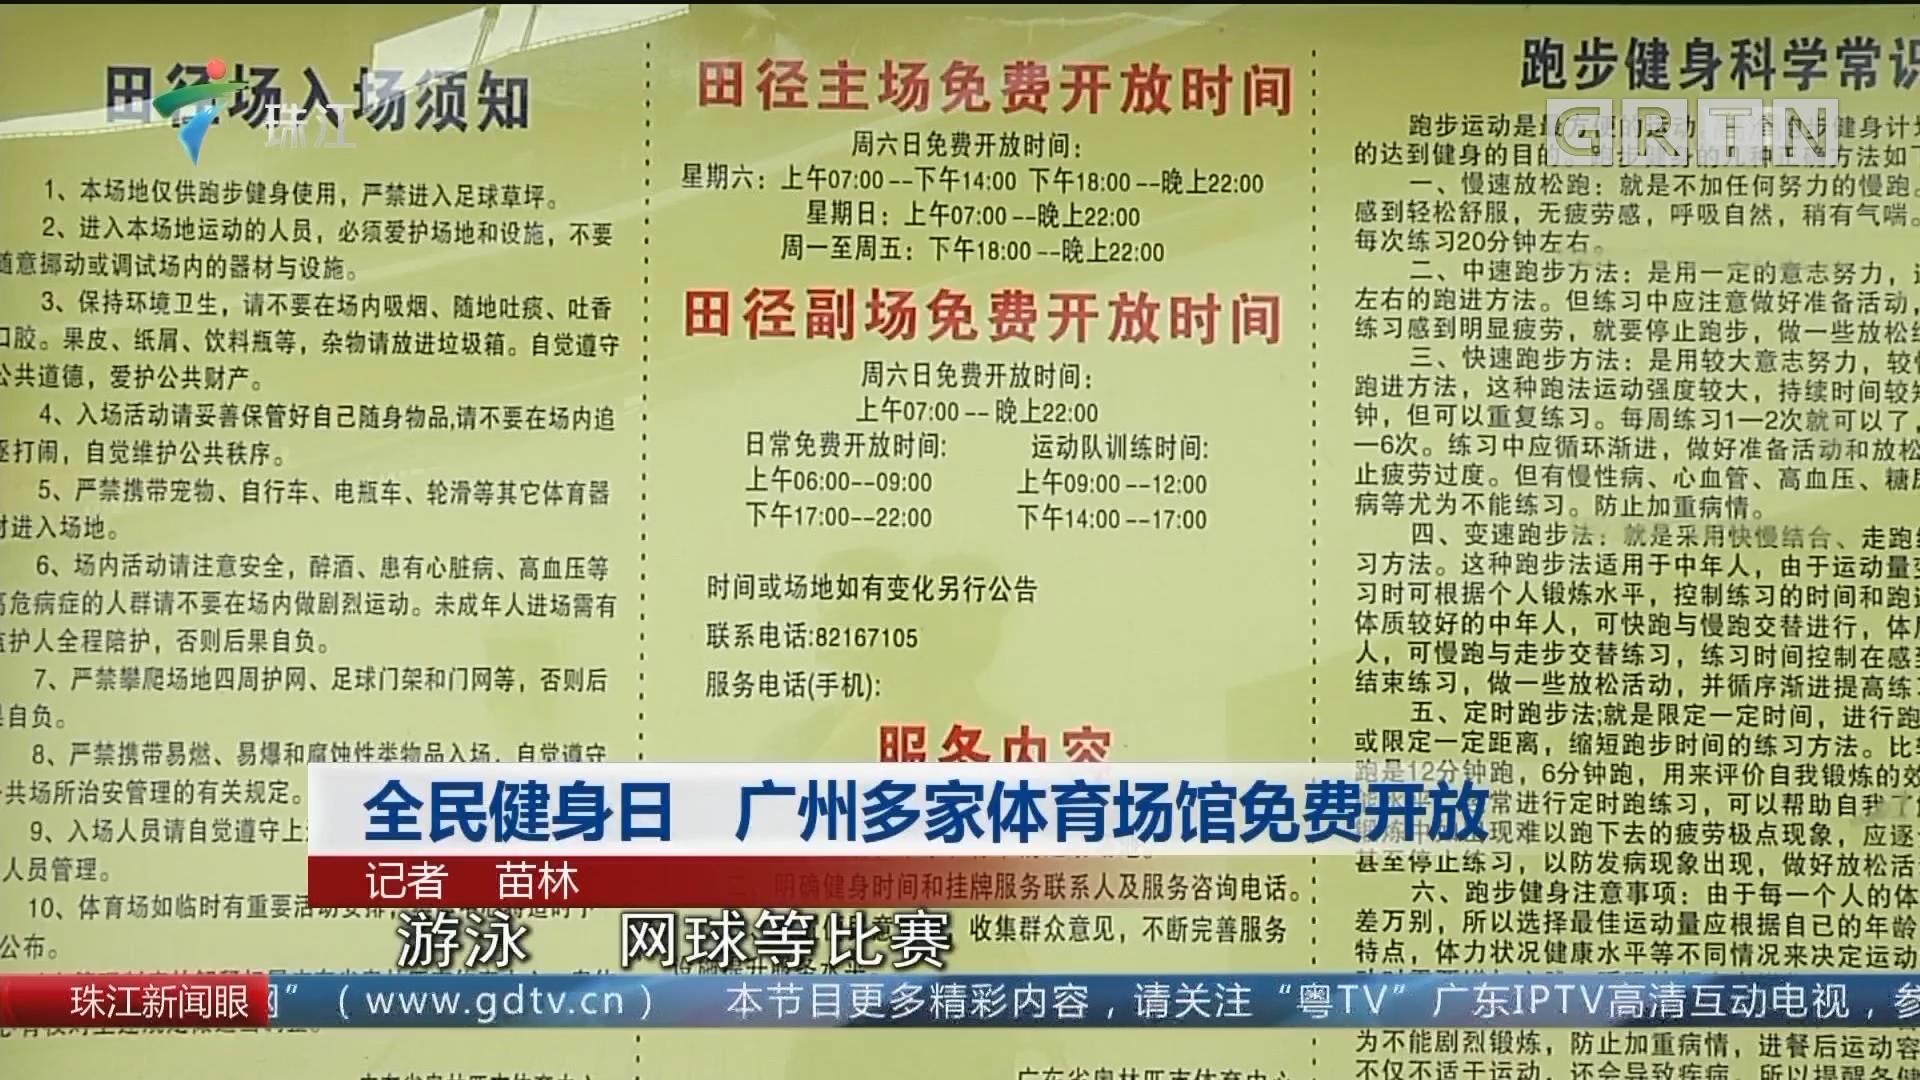 全民健身日 广州多家体育场馆免费开放